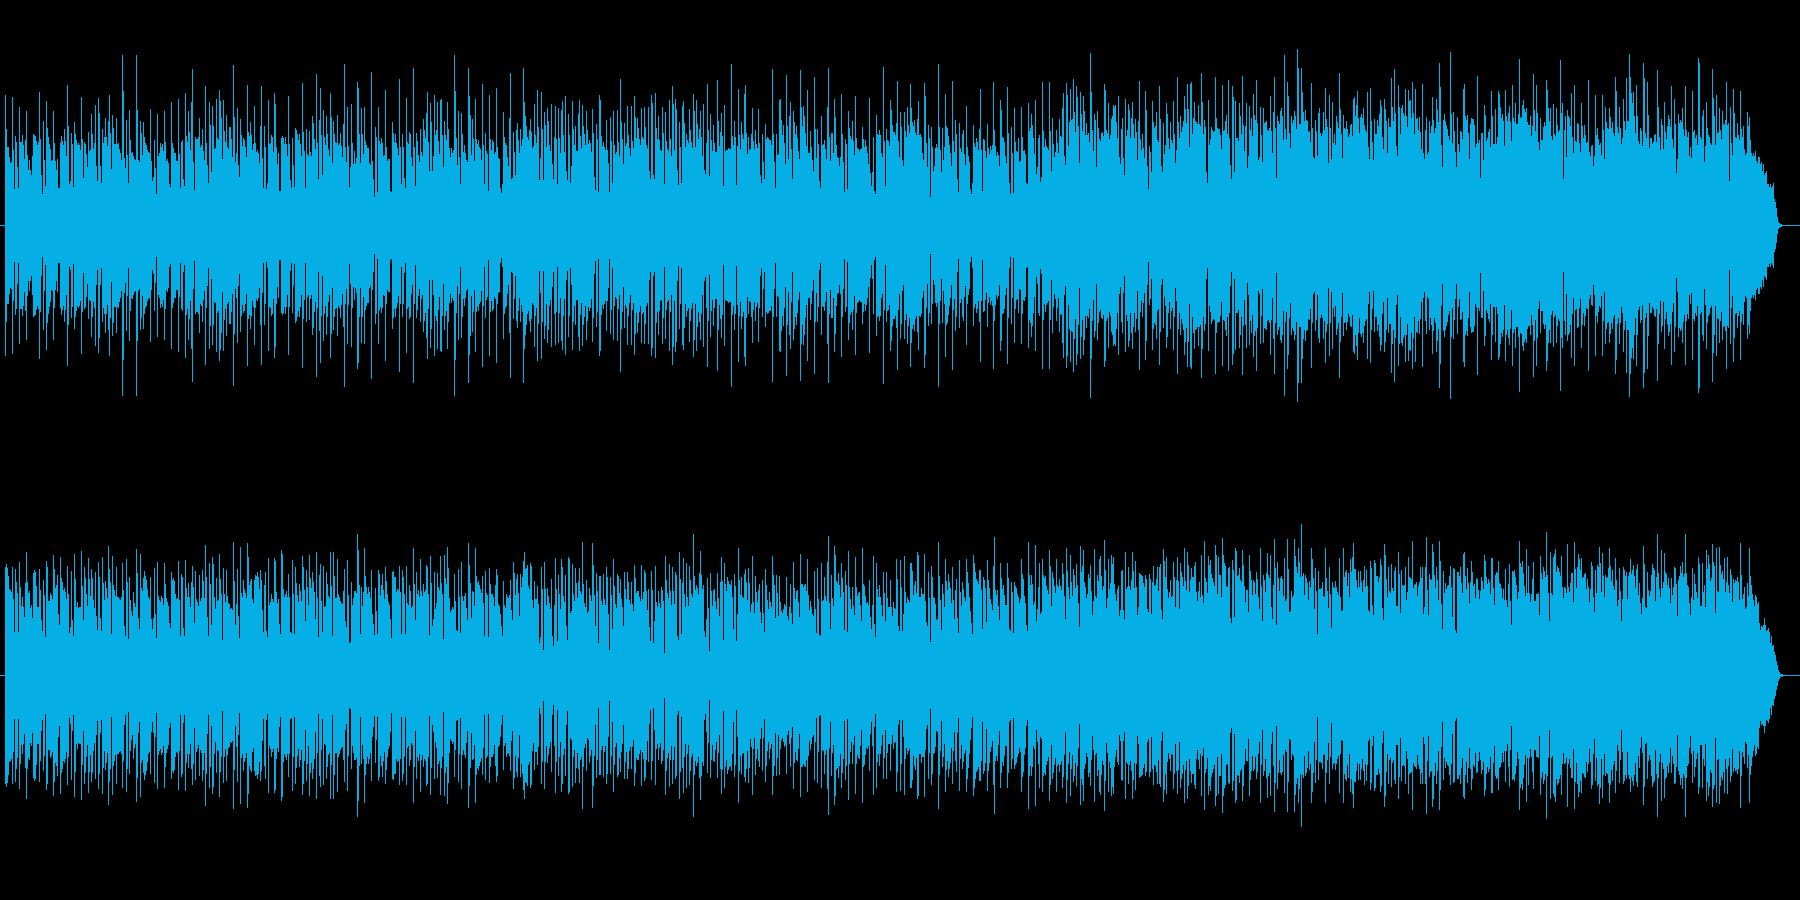 切なく哀しげなシンセ弦楽器サウンドの再生済みの波形